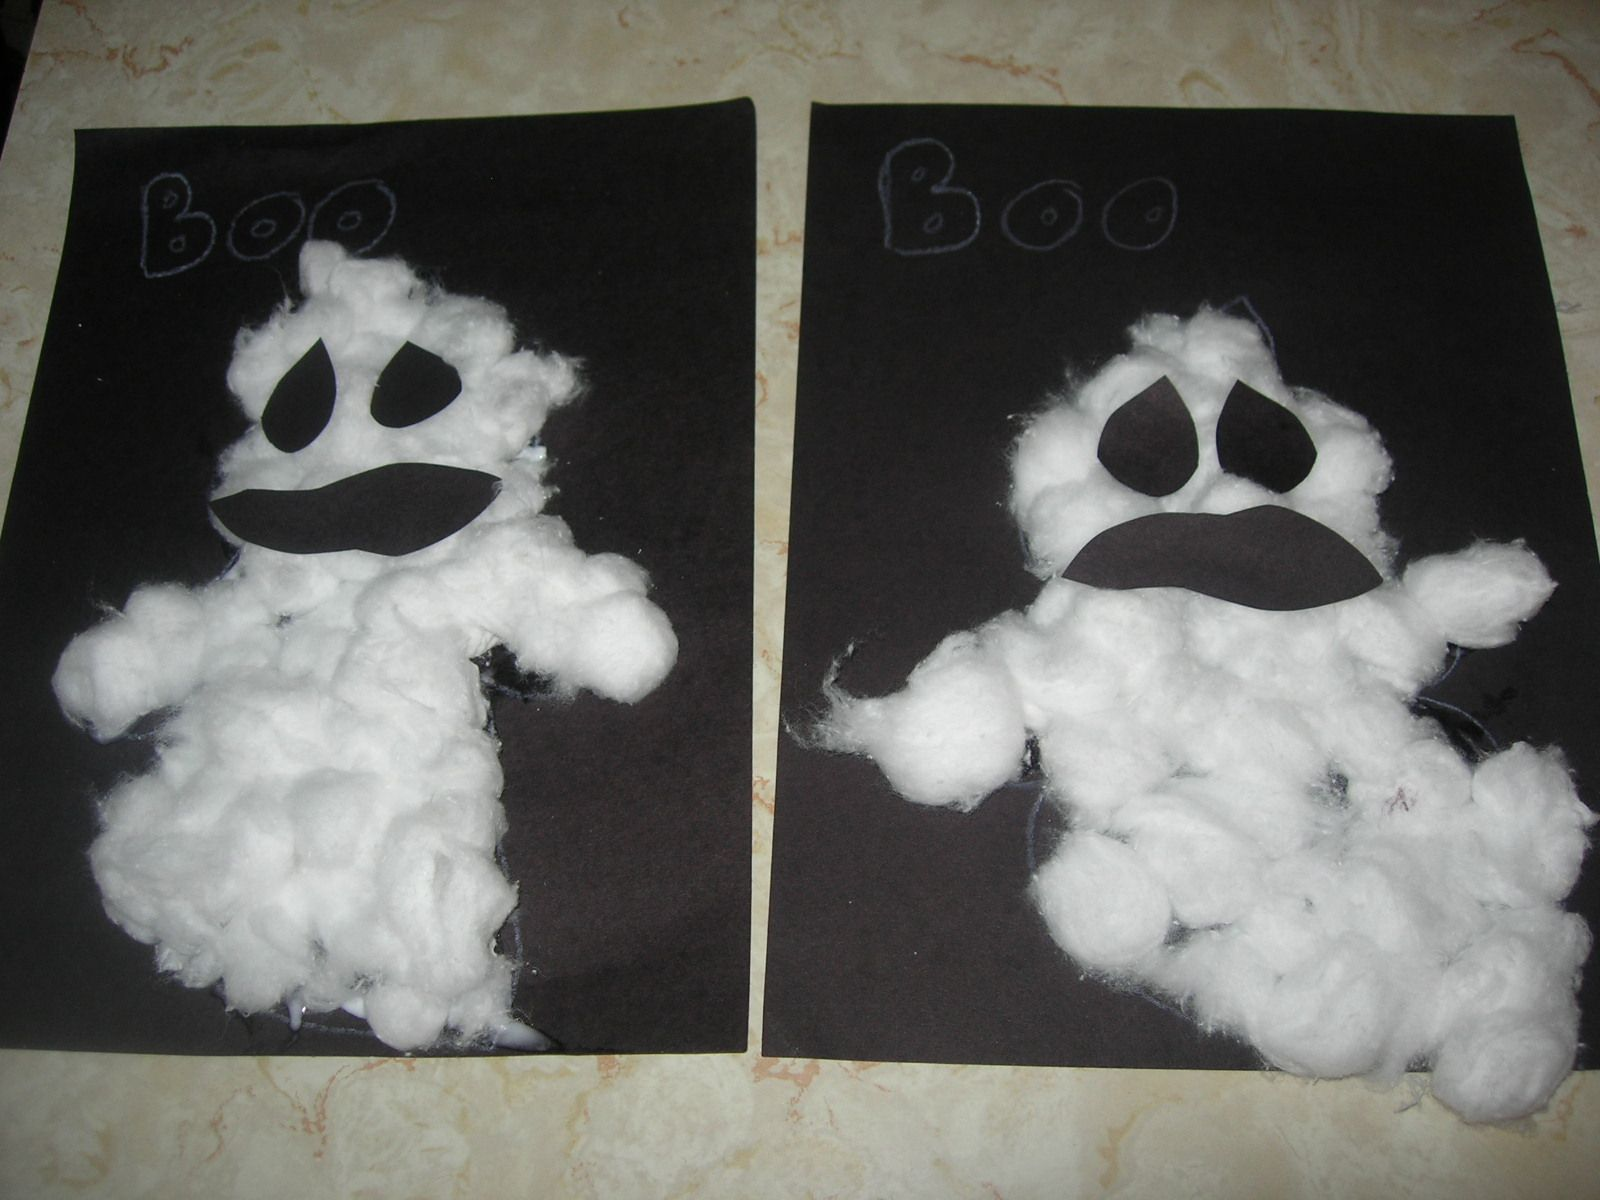 Halloween Arts and Crafts for Preschoolers